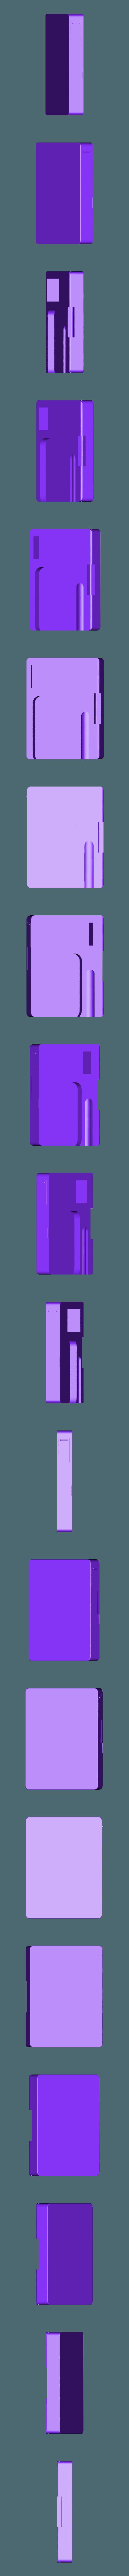 gluco_case_WITH_SLIDER_.stl Télécharger fichier STL gratuit glucomètre FreeStyle Optium Neo • Modèle pour impression 3D, rubenzilzer